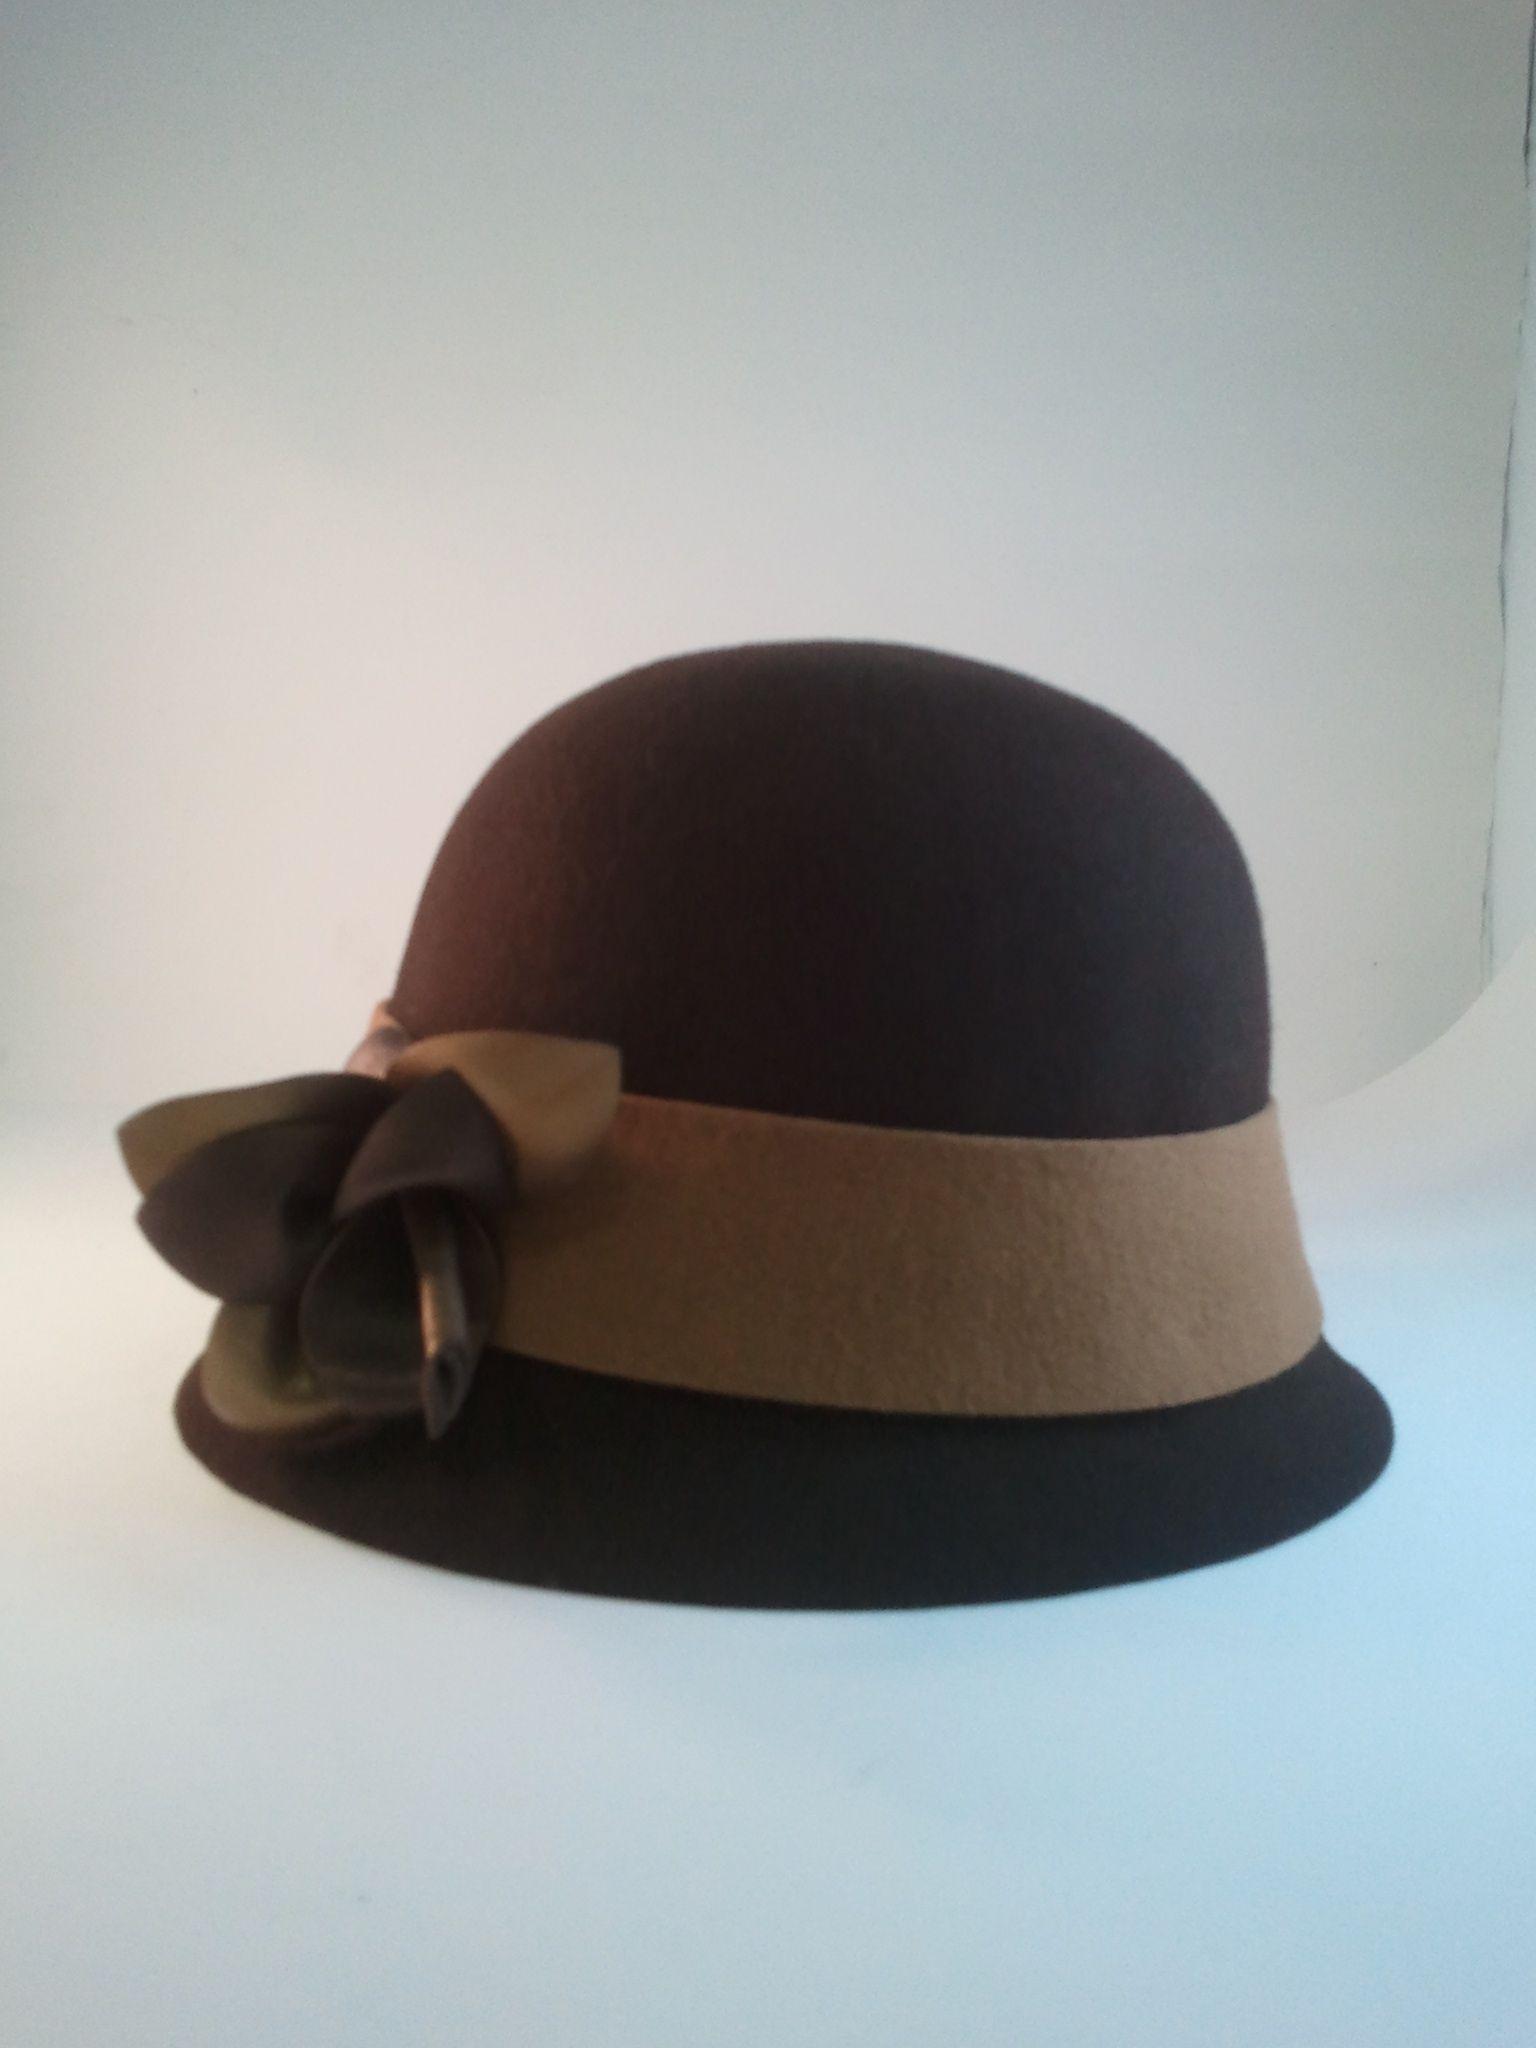 El sombrero cloché es una prenda robada al estilo masculino por las mujeres de los años 20. Tiene un diseño muy clásico cuya elegancia nunca ha pasado de moda al tiempo que es símbolo de la corriente progresista y de la mujer transgresora.